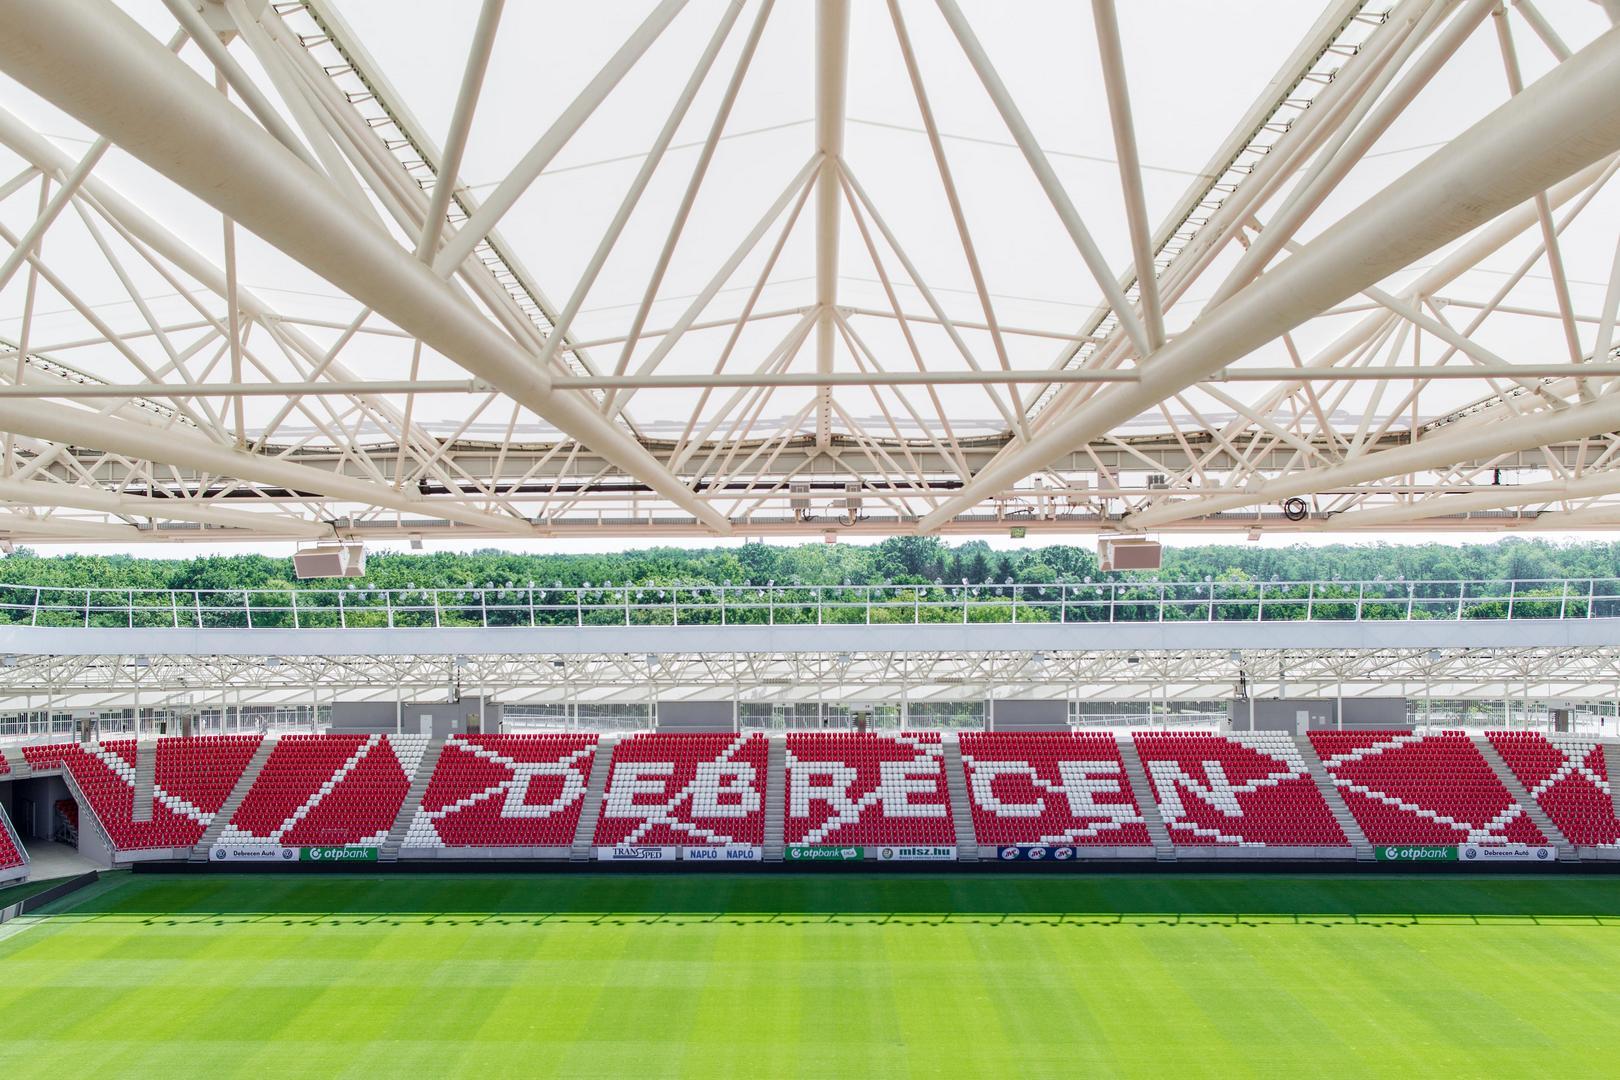 A Nagyerdei Stadion tetőszerkeszetére erősített hangsugárzók